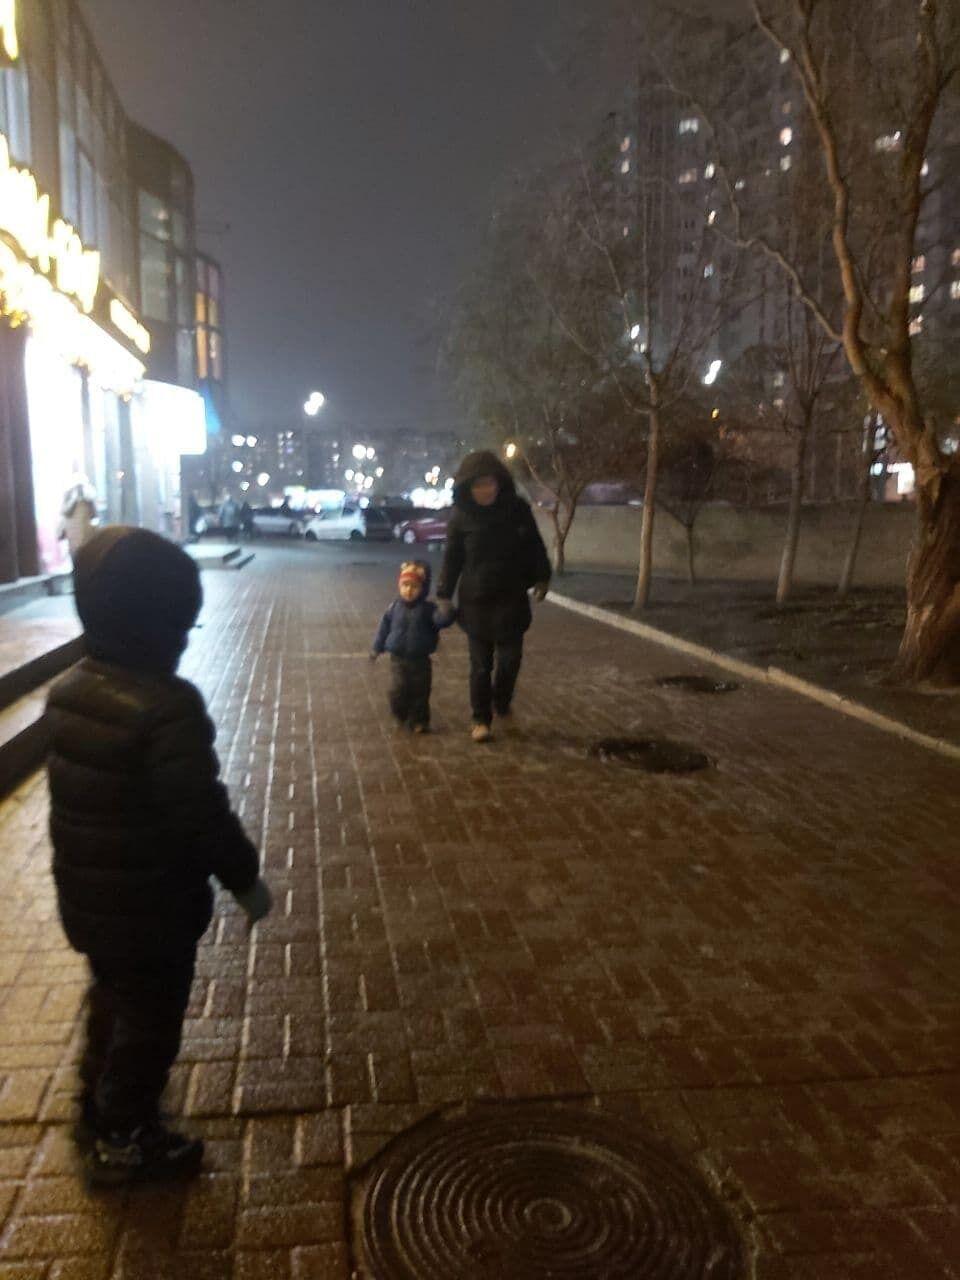 Деякі жителі, незважаючи на негоду, вийшли на вулицю з дітьми